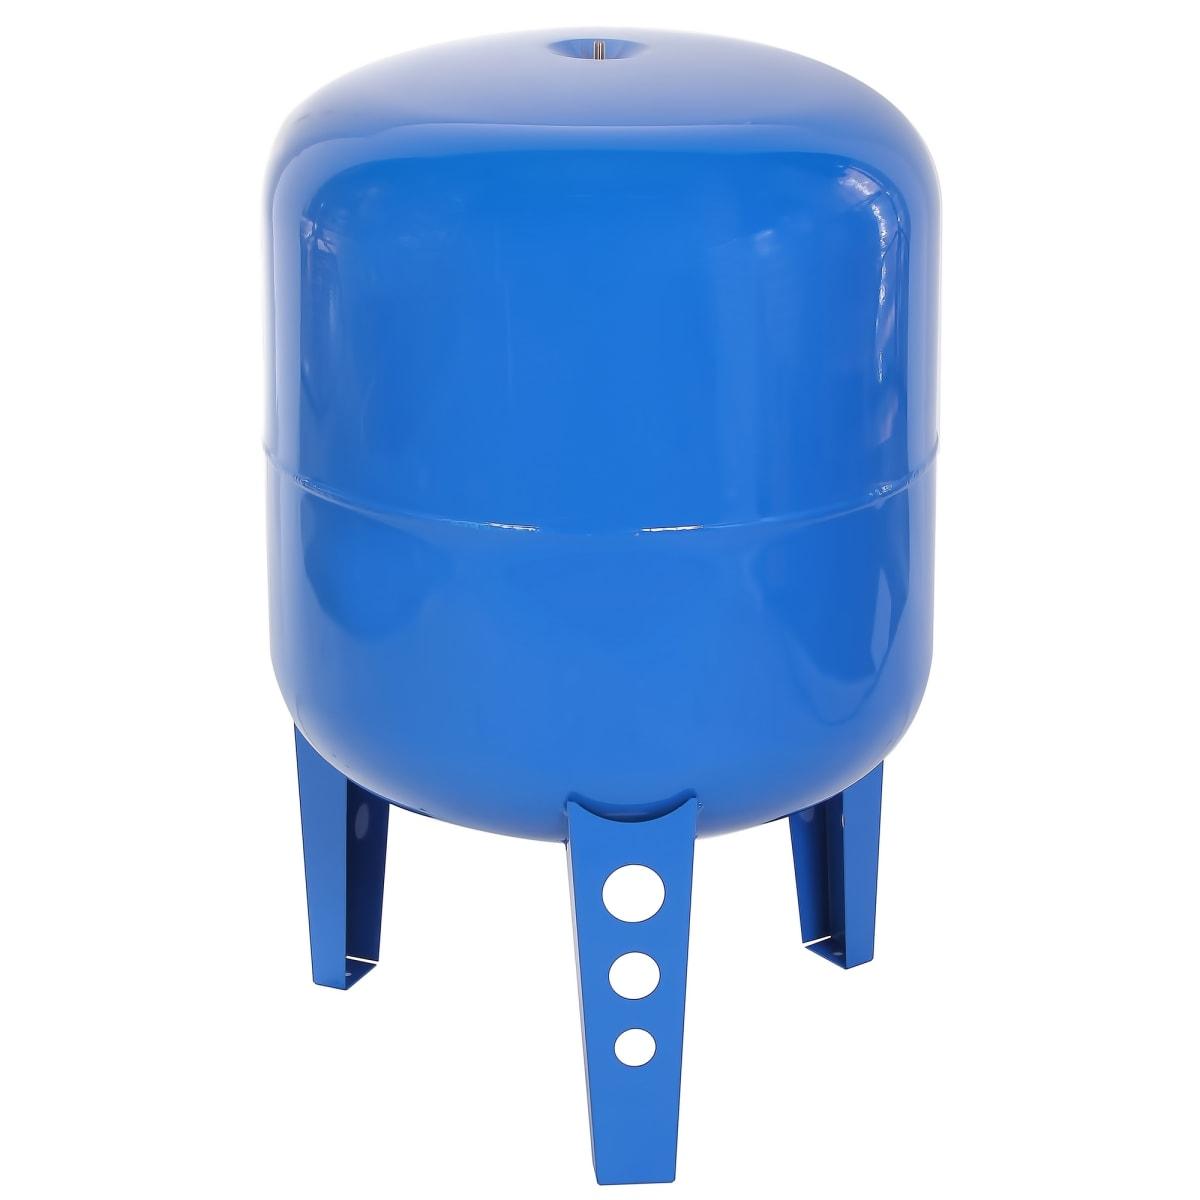 Гидроаккумулятор вертикальный 80 л, фланец оцинкованная сталь